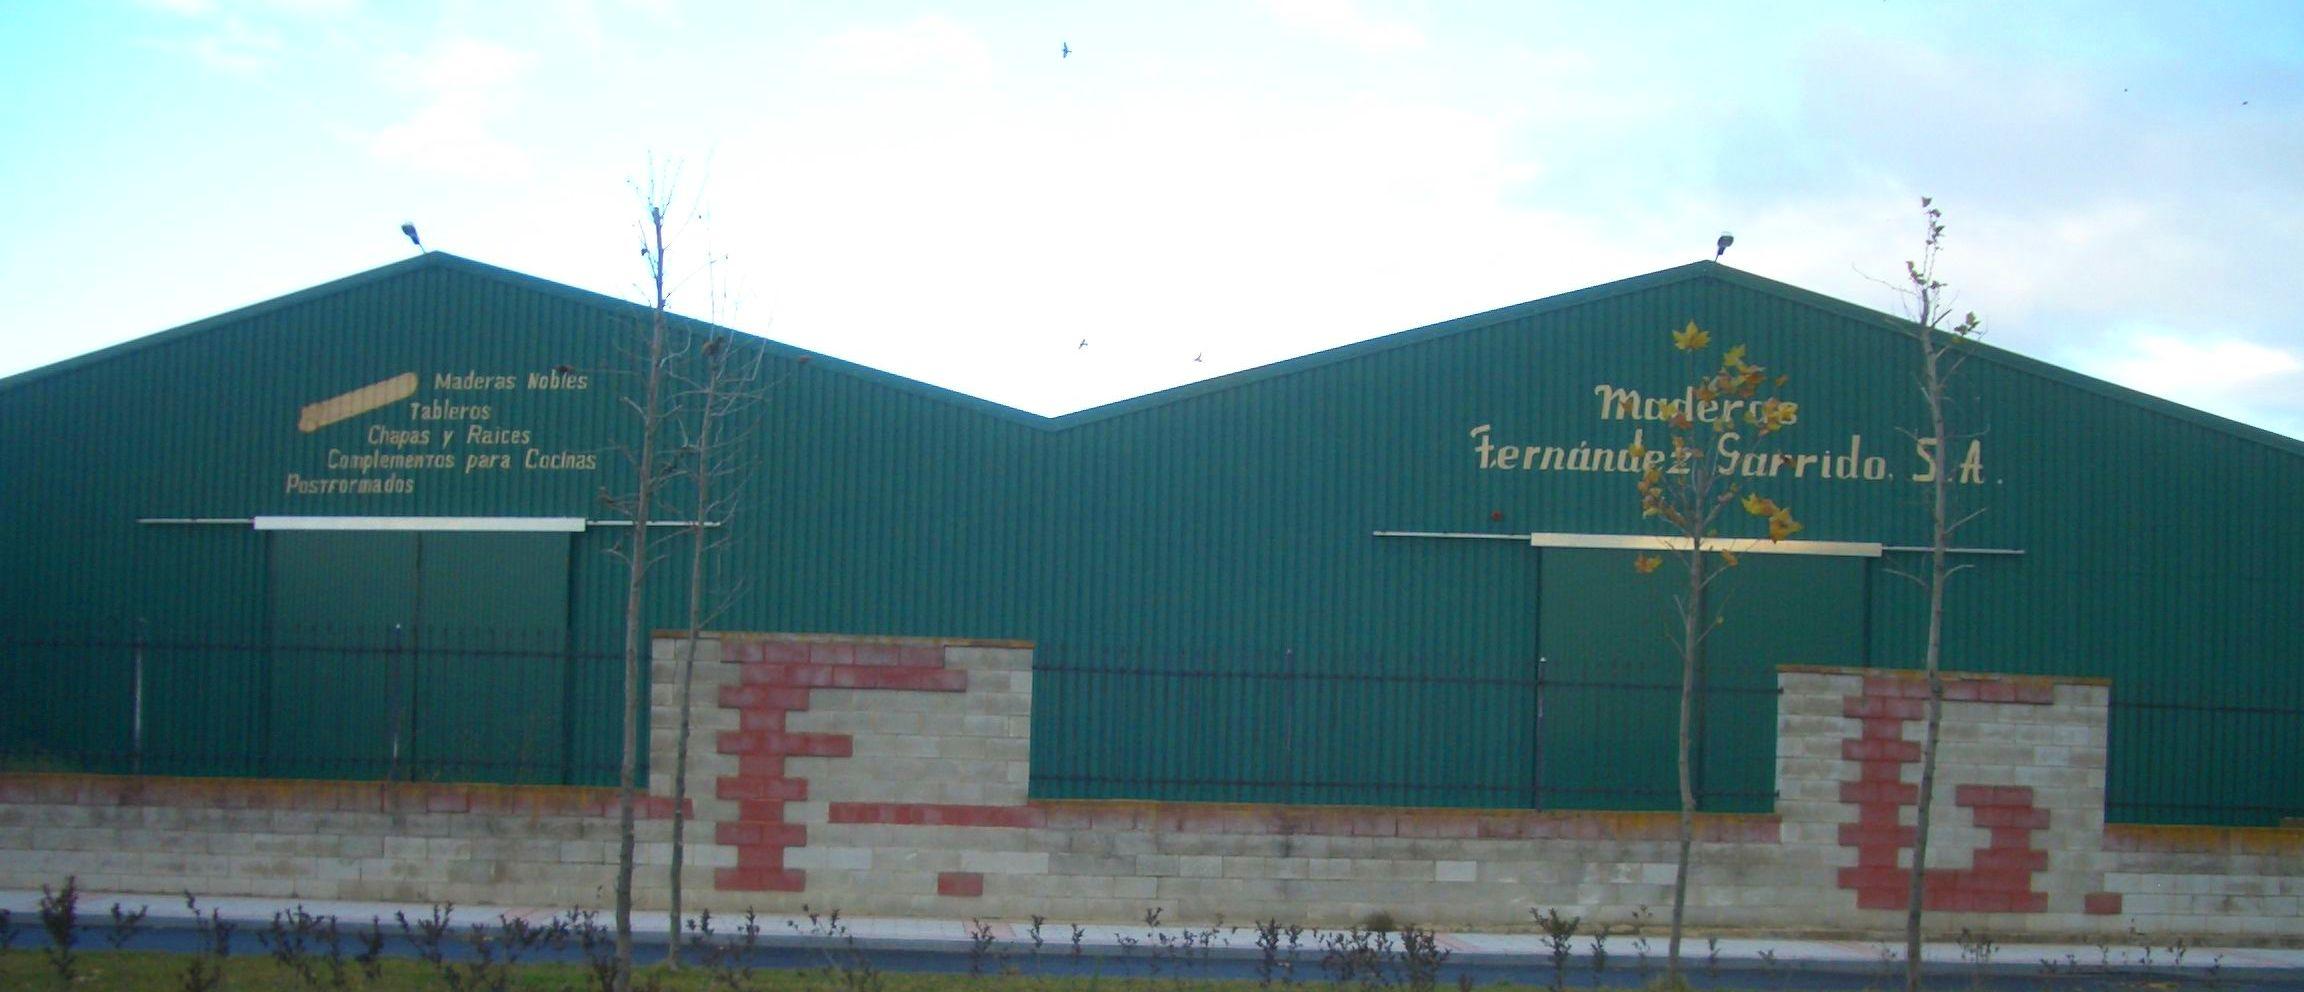 Foto 1 de Maderas en Medina del Campo | Maderas Fernández Garrido, S.A.